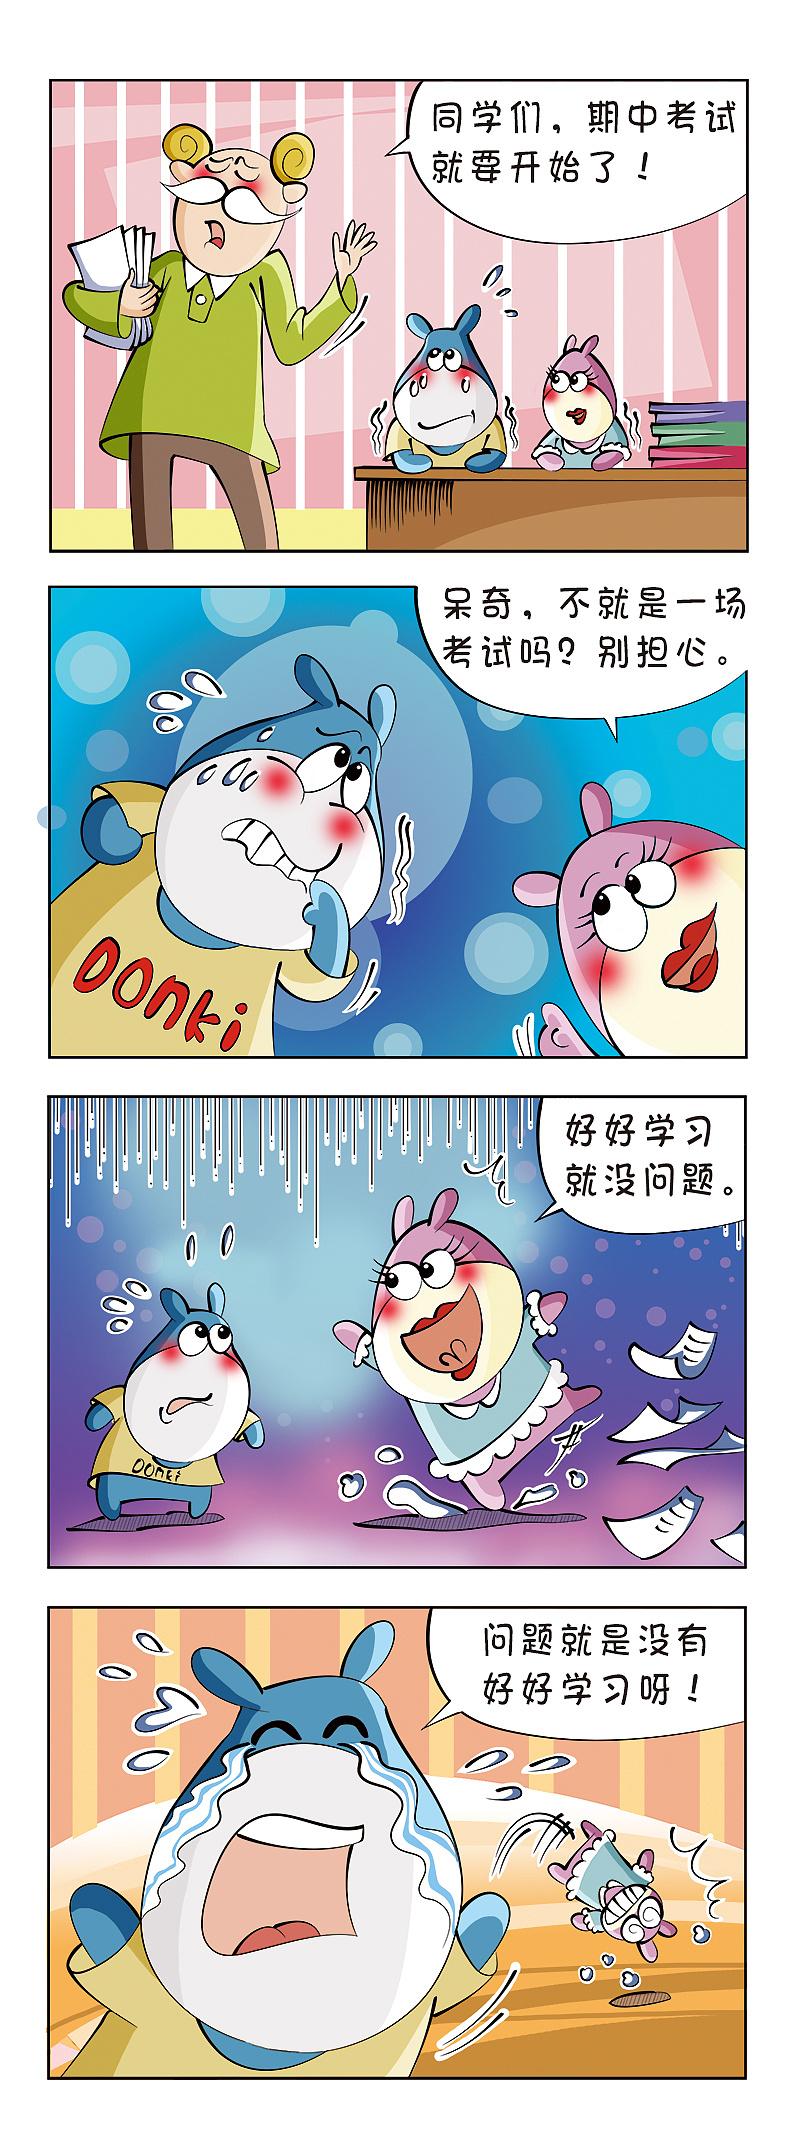 呆奇——玩转校园——考试|动漫|短篇/四格漫画|donki